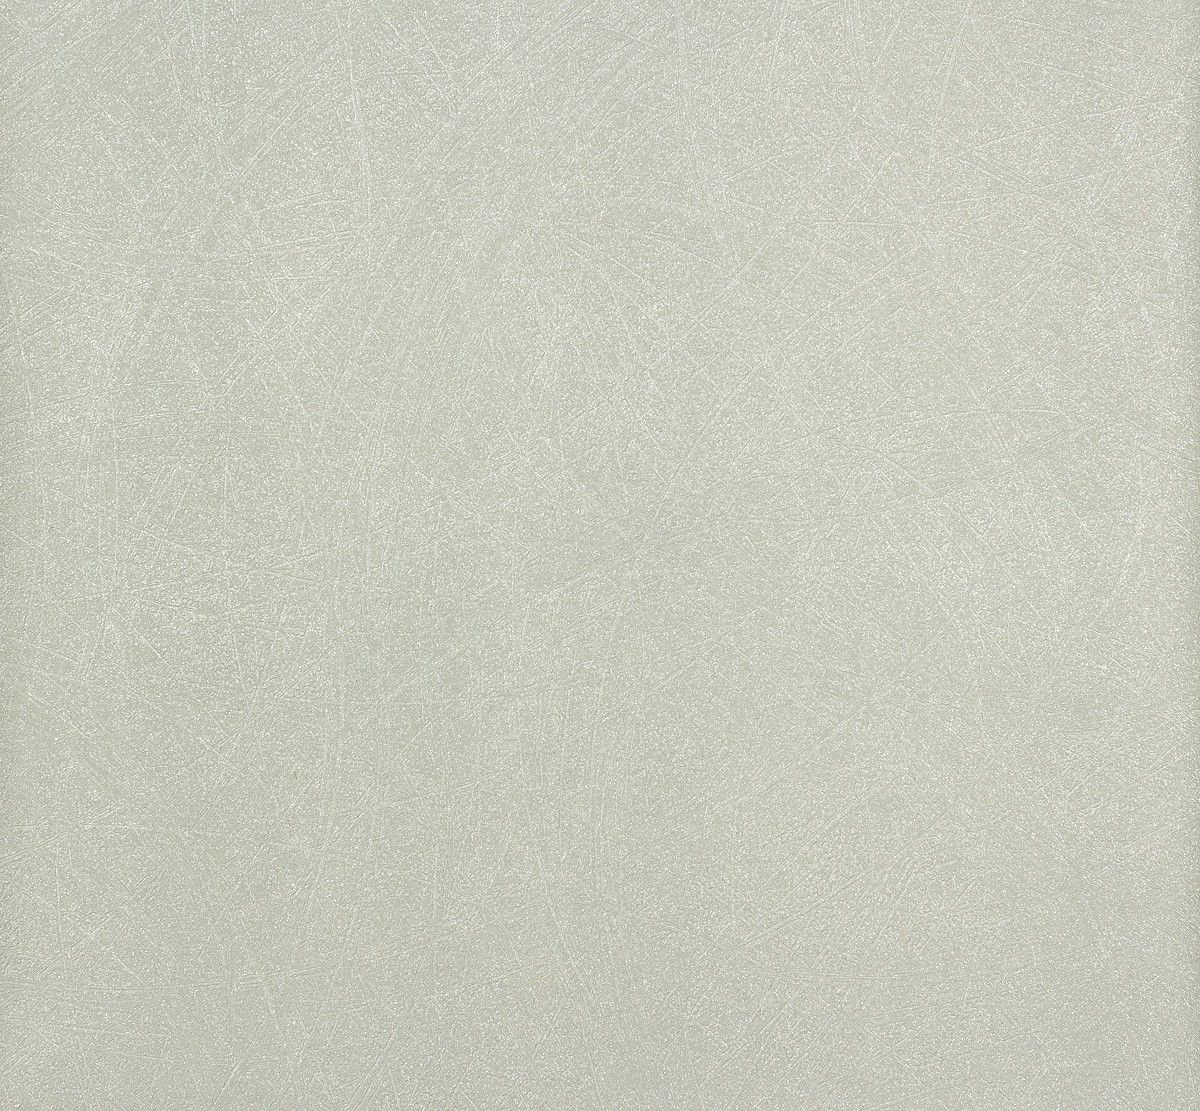 tapete rasch vliestapete 403626 tapete wischtechnik hellgrau silber glitzer. Black Bedroom Furniture Sets. Home Design Ideas